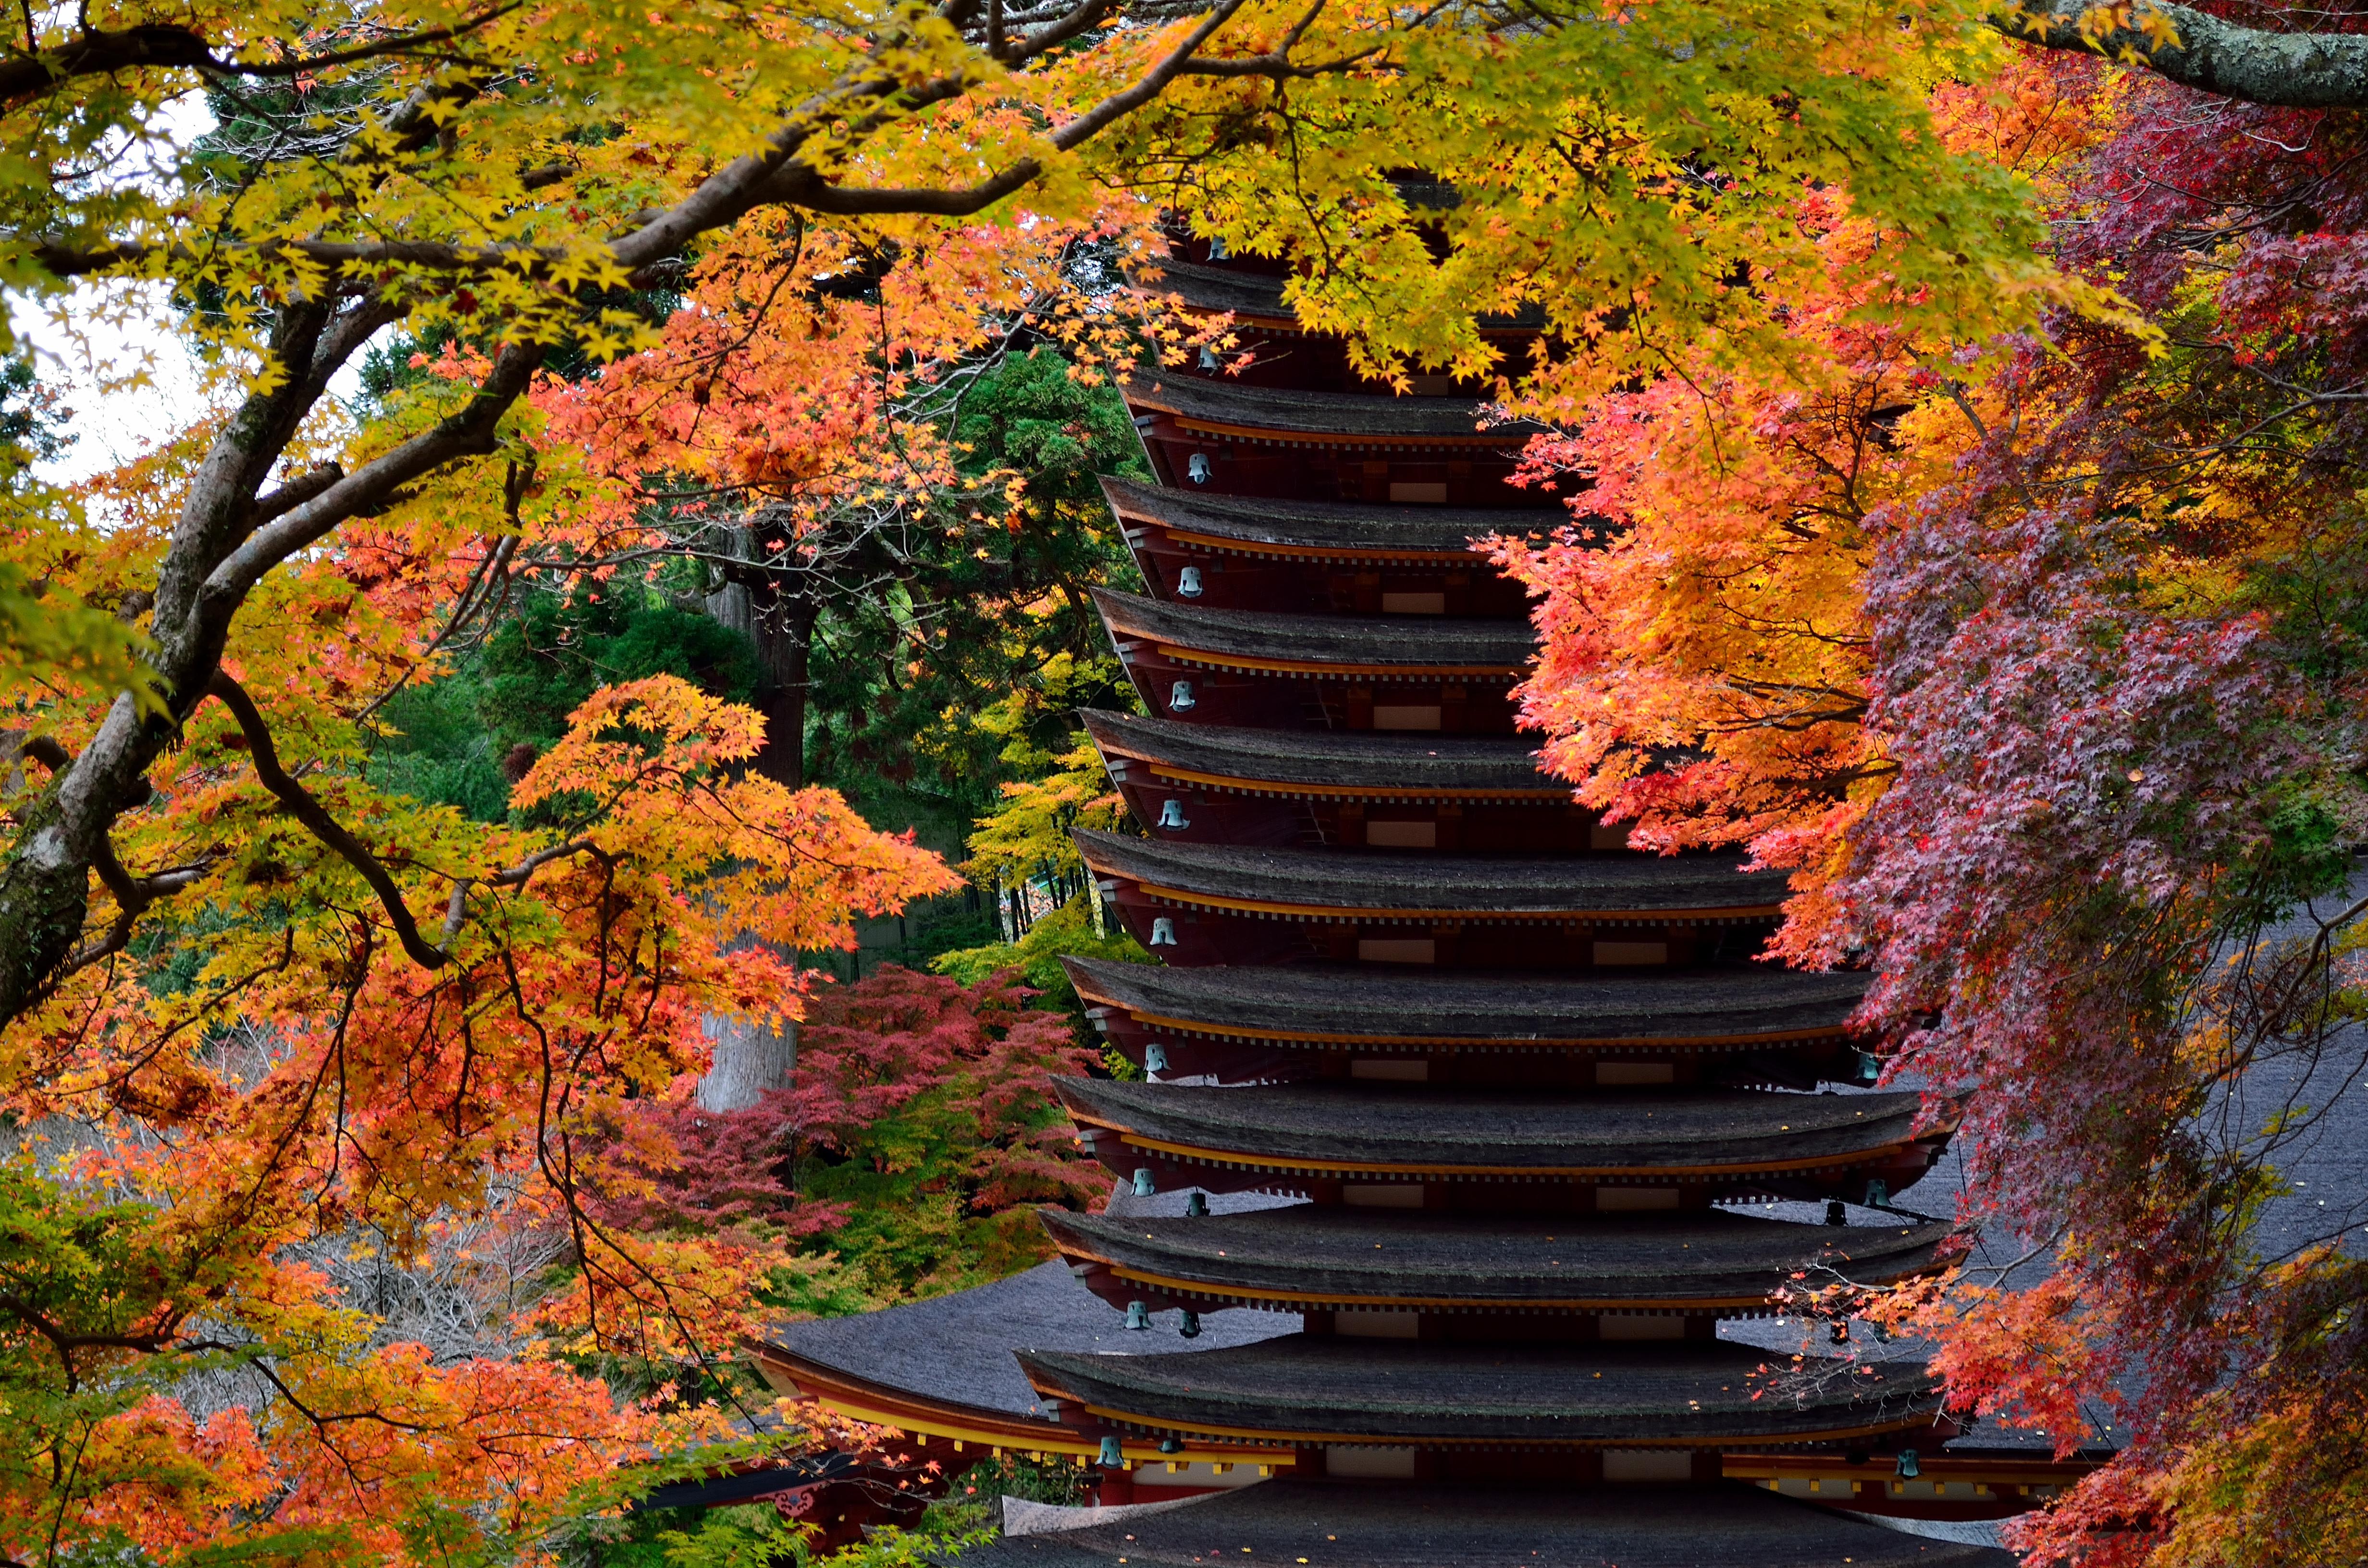 談山神社の十三重塔と紅葉